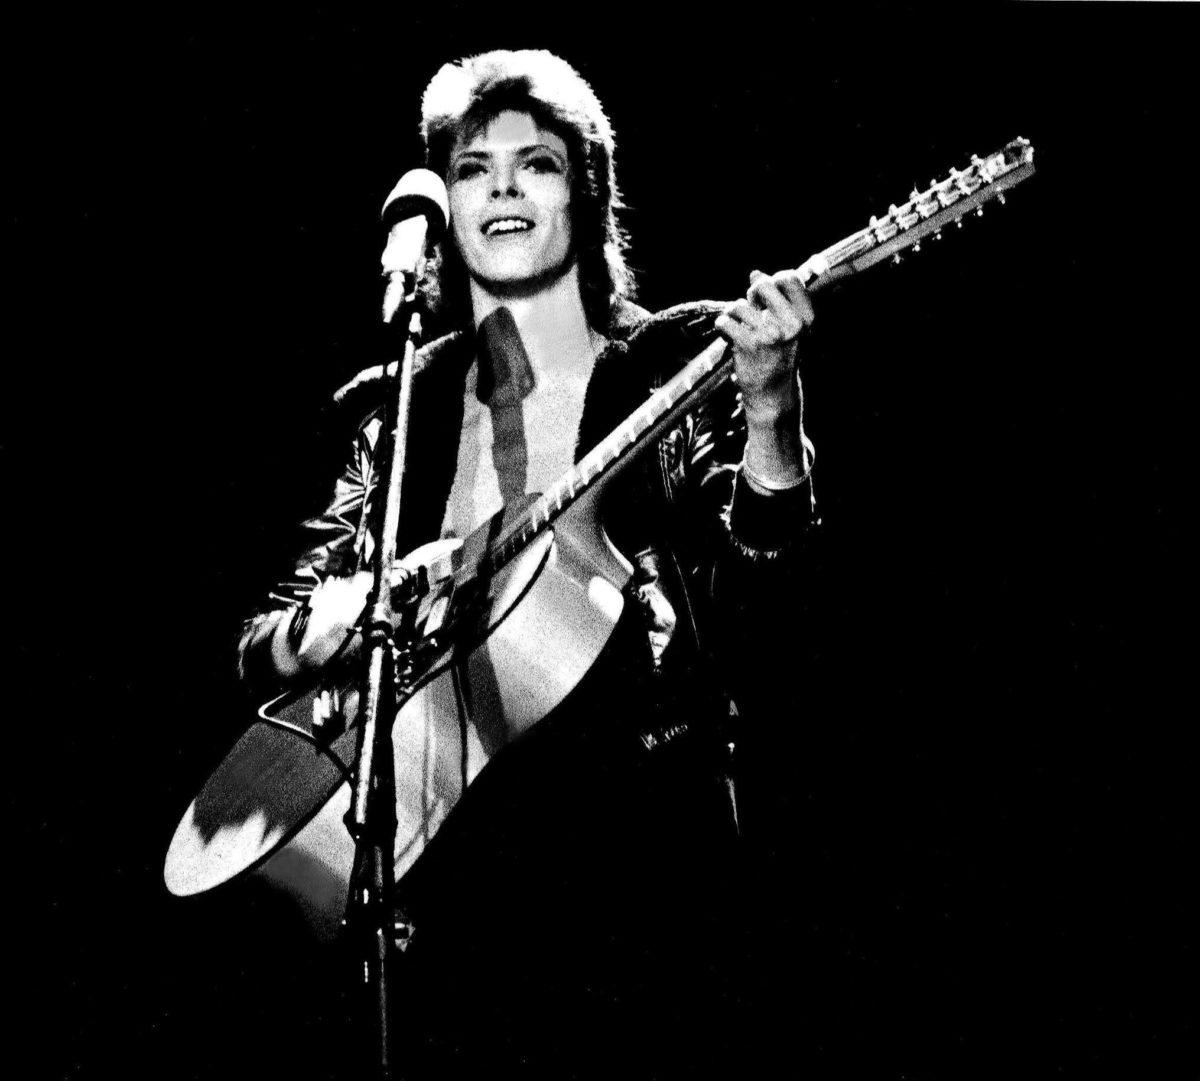 smexy – David Bowie Photo (6946441) – Fanpop